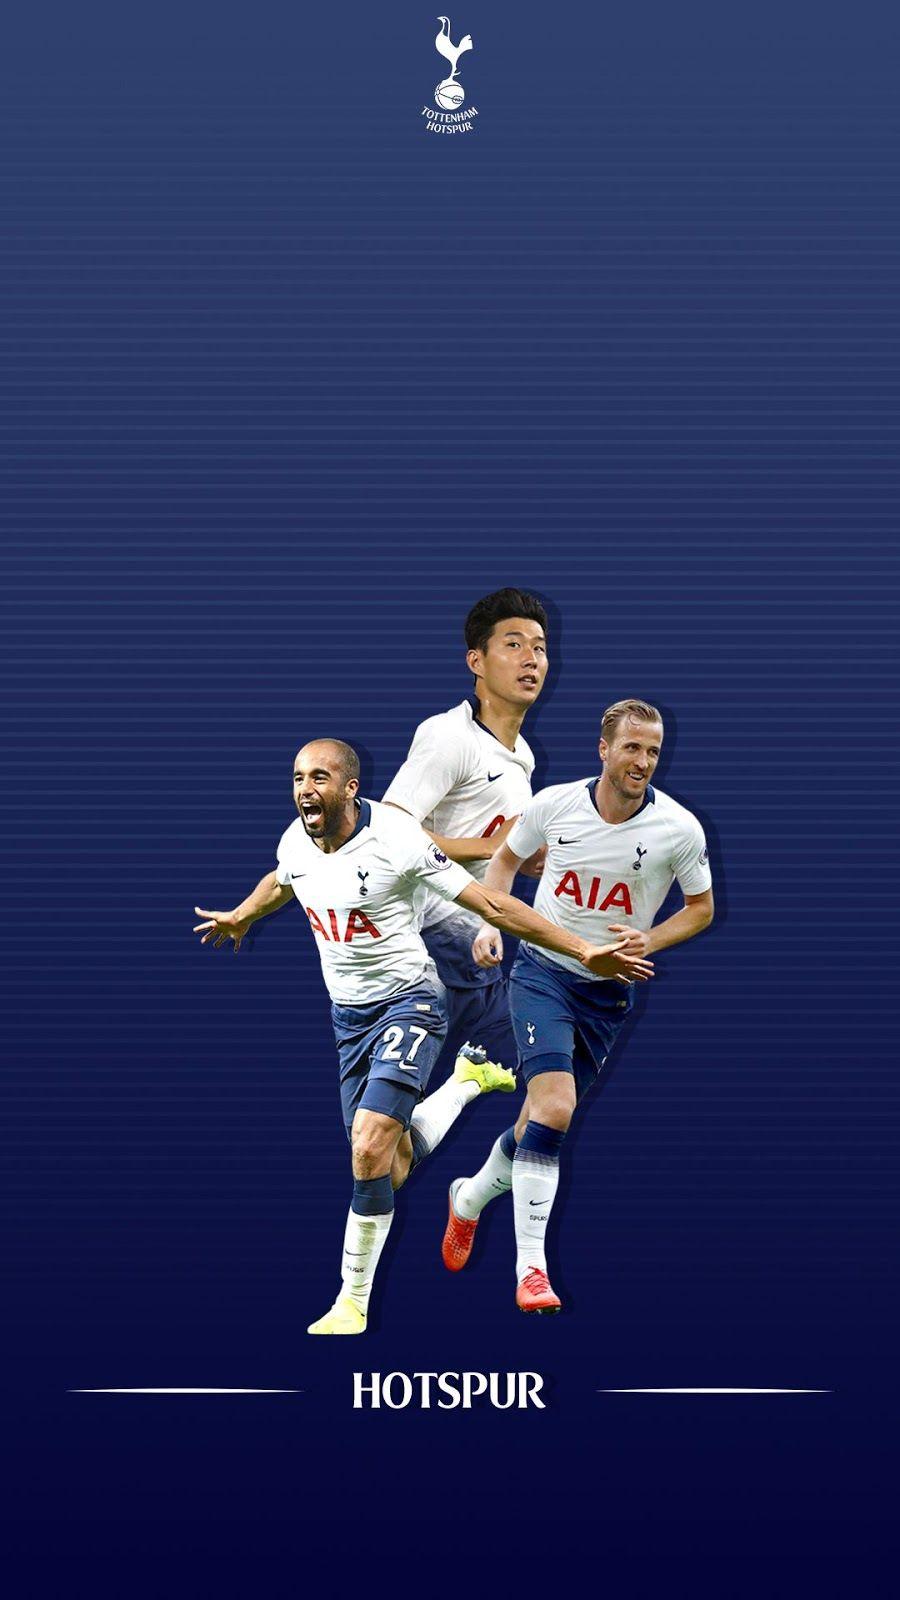 Tottenham Hotspur Iphone Wallpaper Tottenham Hotspur Tottenham Hotspur Wallpaper Tottenham